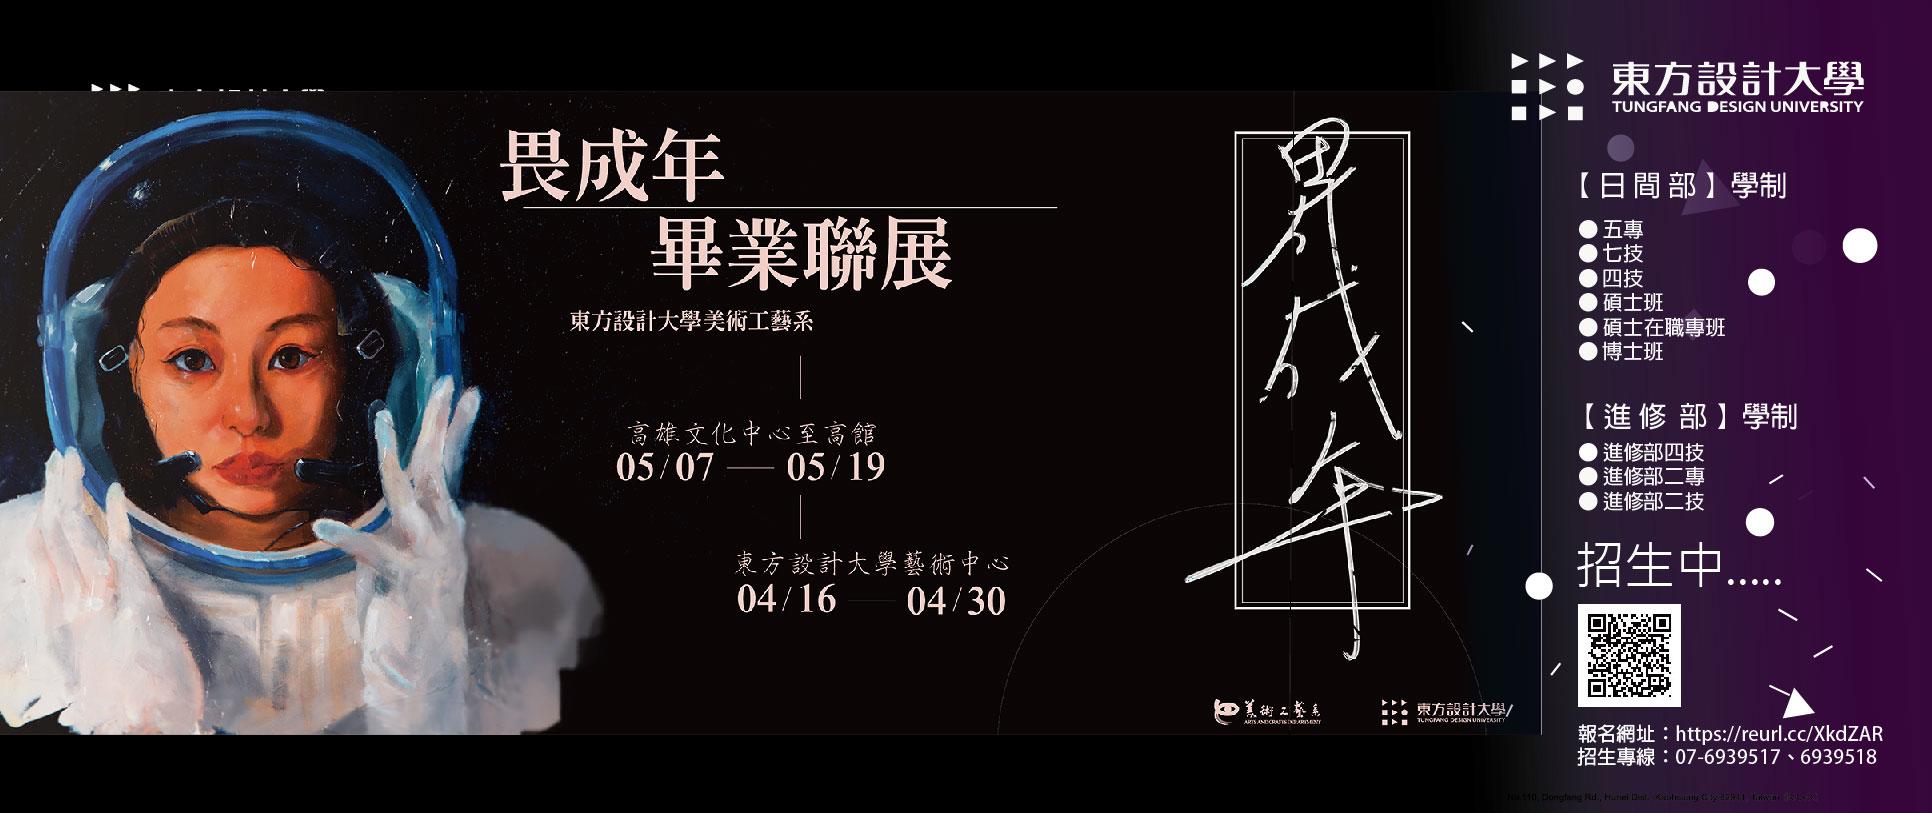 110畢業展首頁輪播牆尺寸-美工-02.jpg